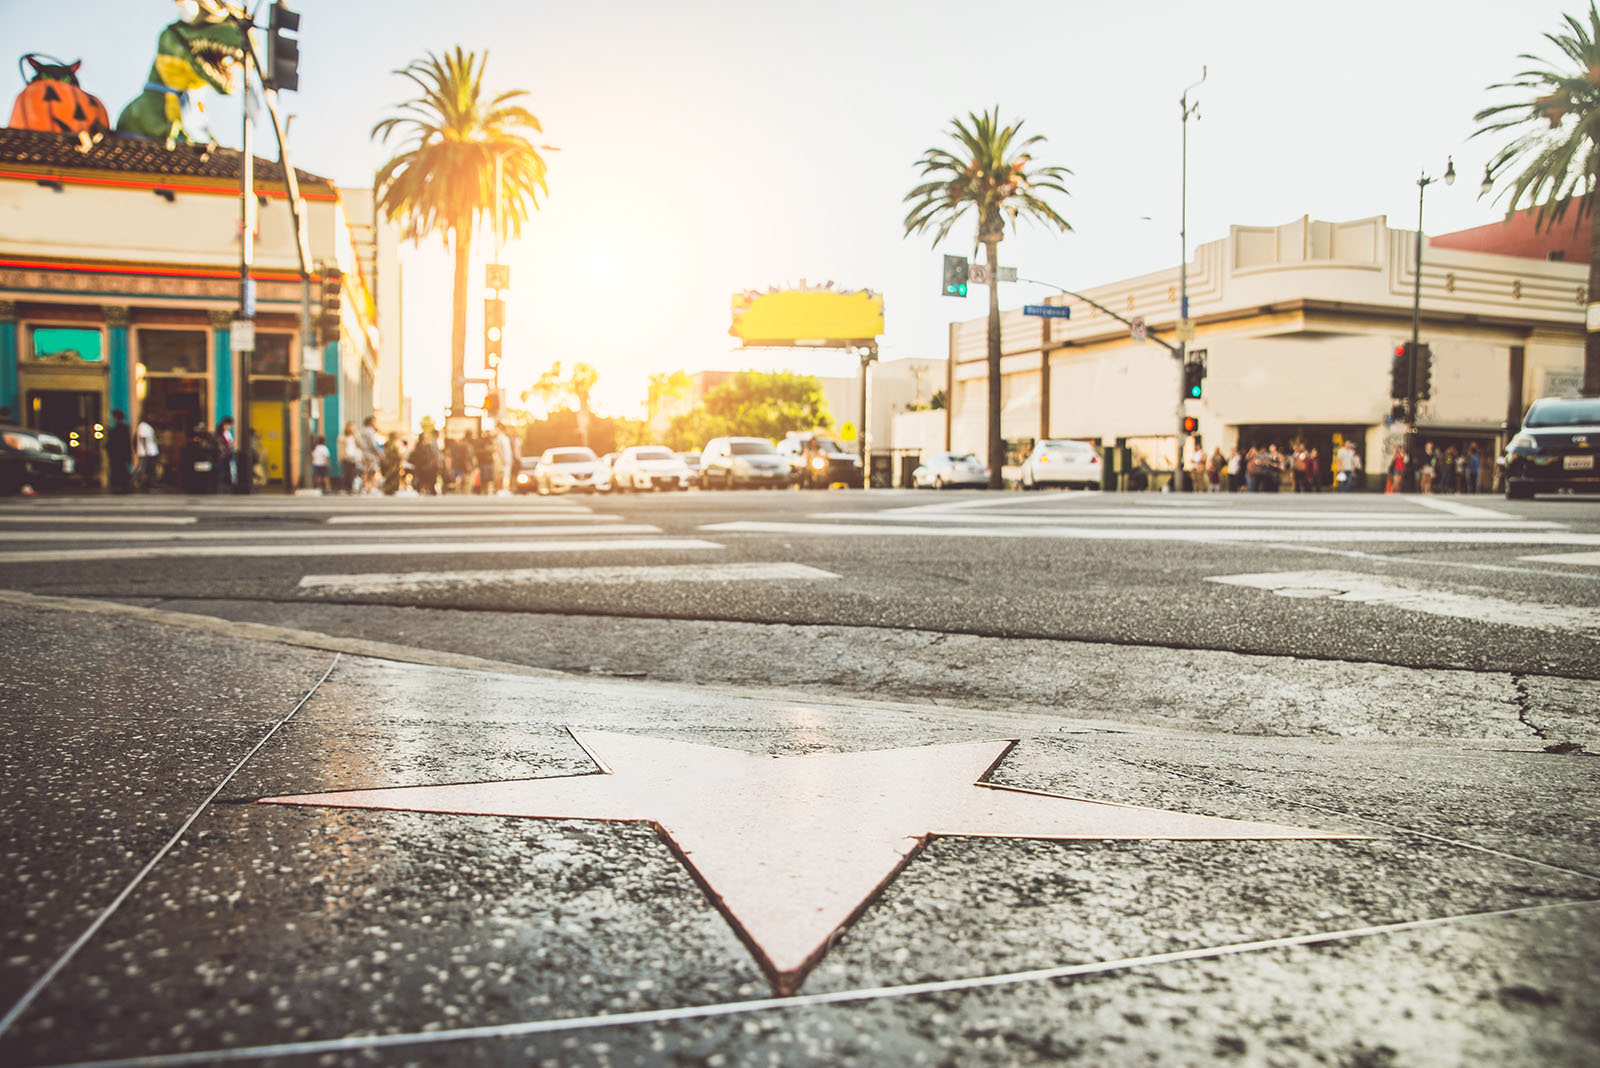 HollywoodBLVD